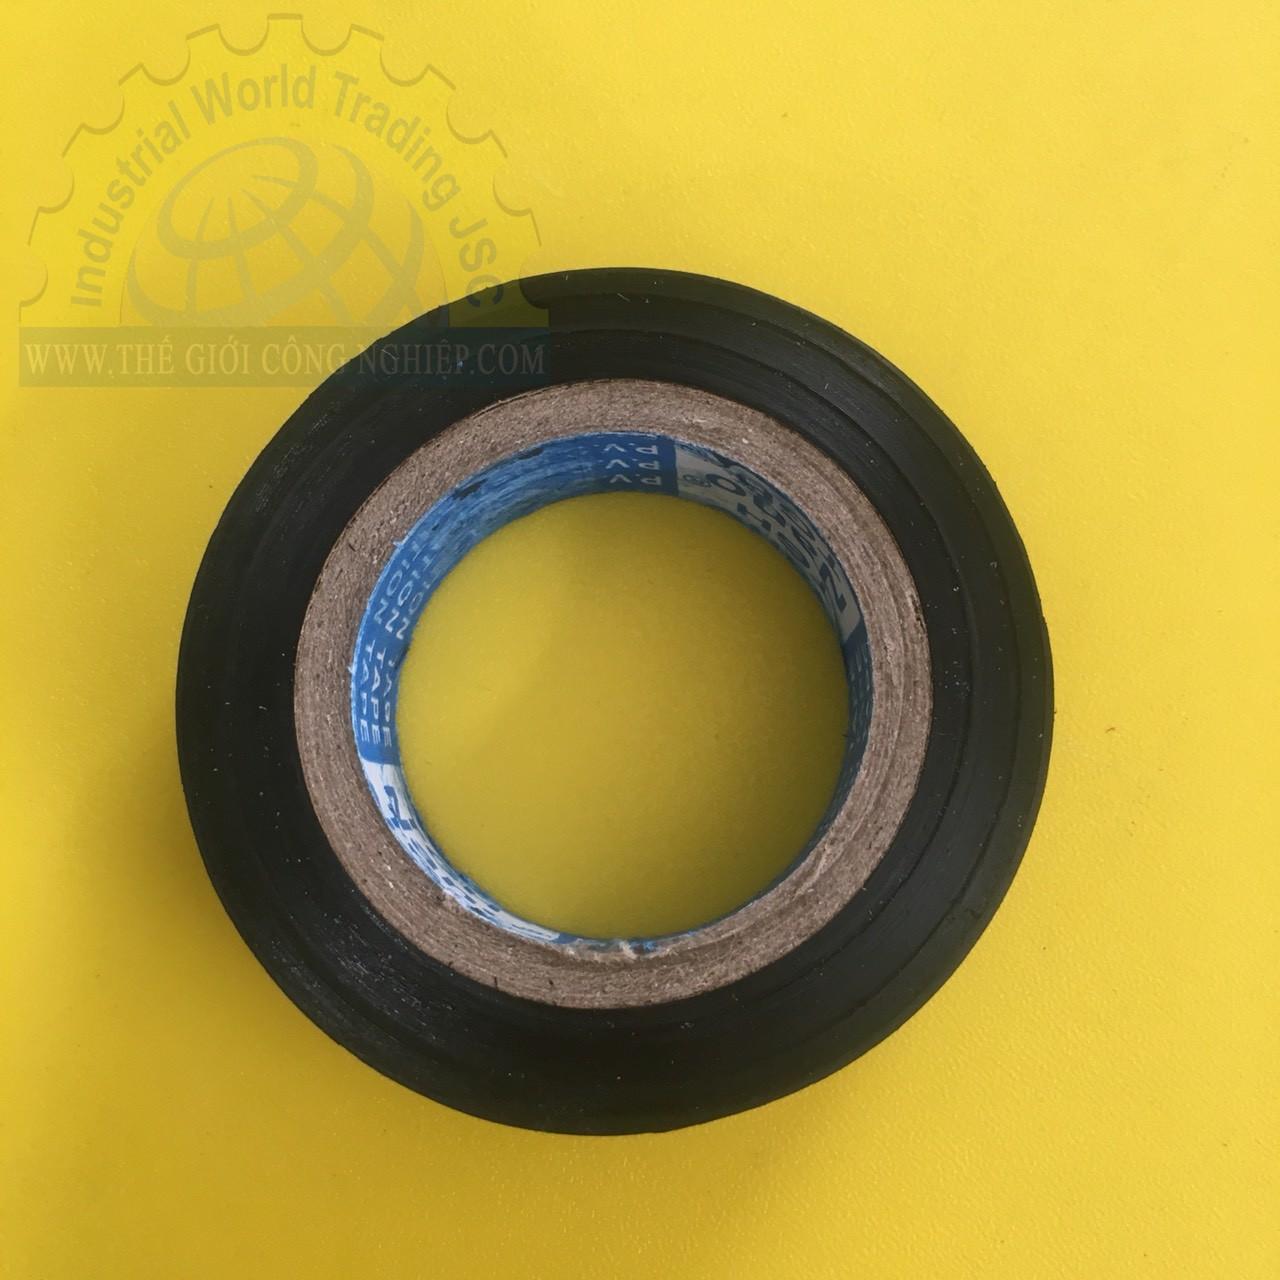 Băng keo điện pvc 20 yard Nano, bản rộng 18mm, độ dày 0.12mm Nanoco